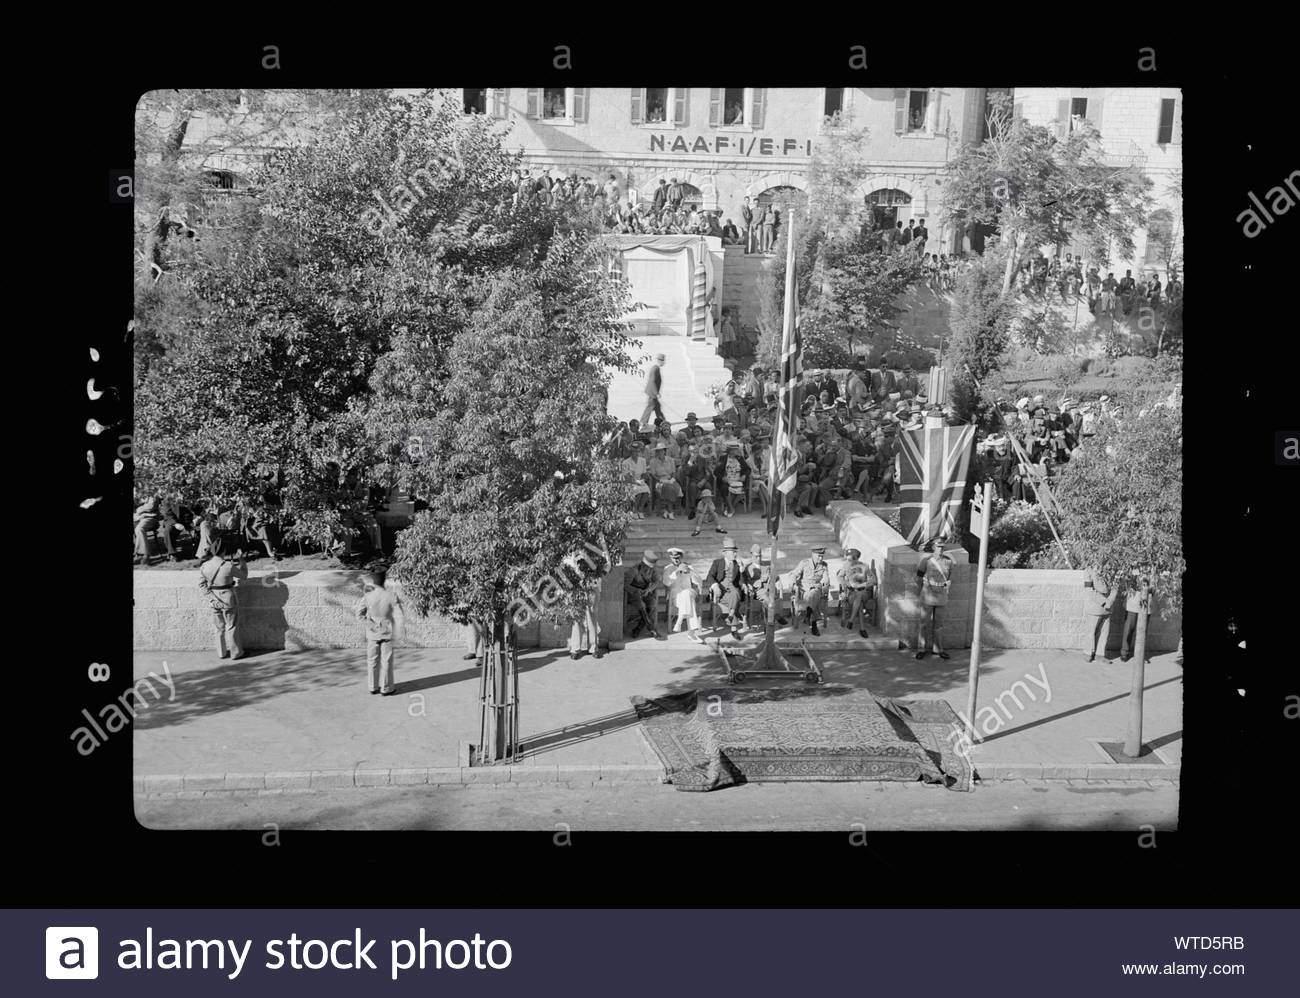 militarische parade in jerusalem am 28 mai 42 grand stand vor der offentlichen garten wo es grussen genommen wurde wtd5rb